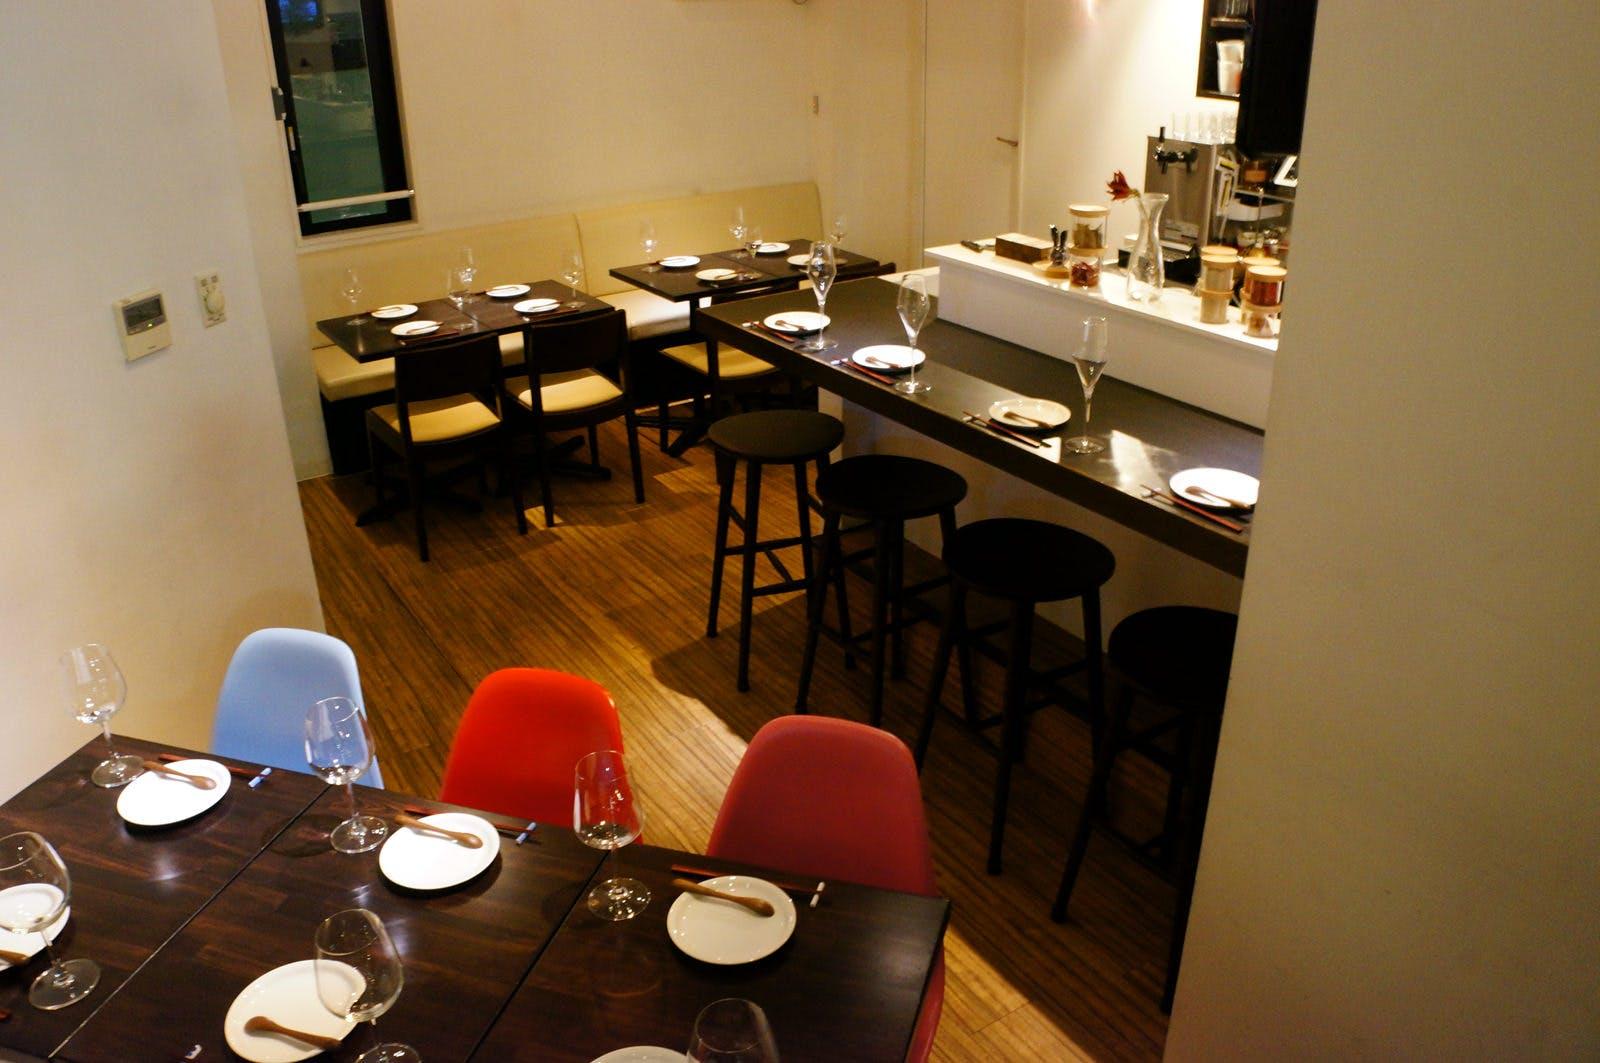 5th cafe Udagawa